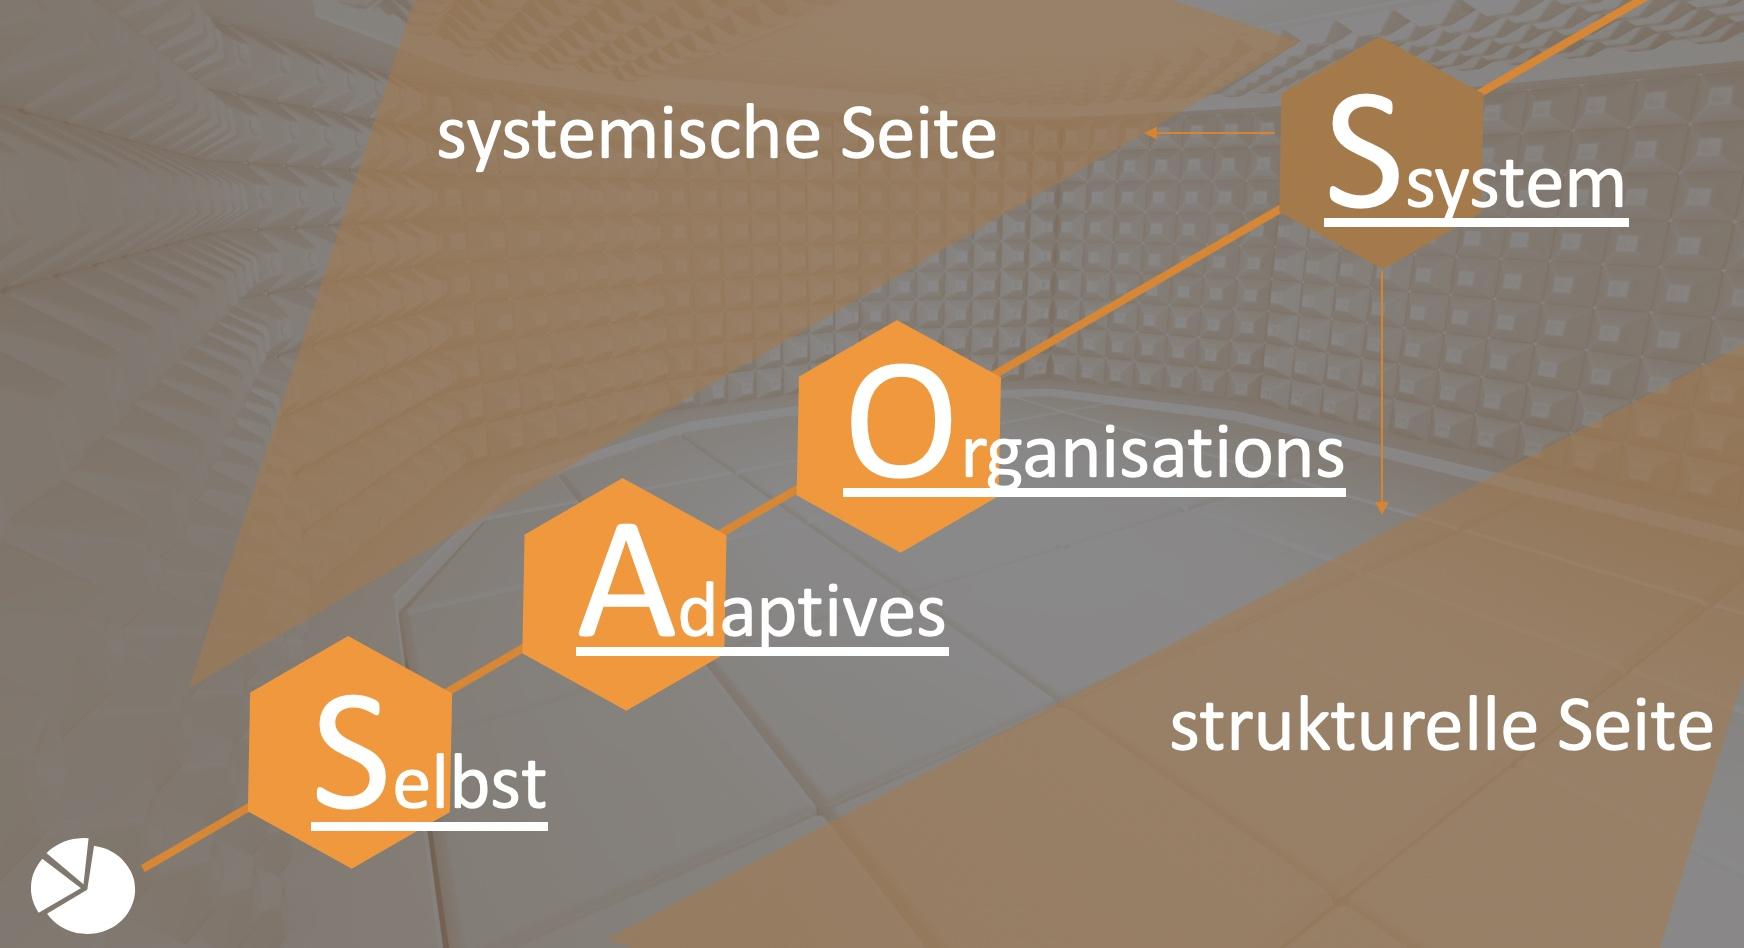 Systeme und systemisch